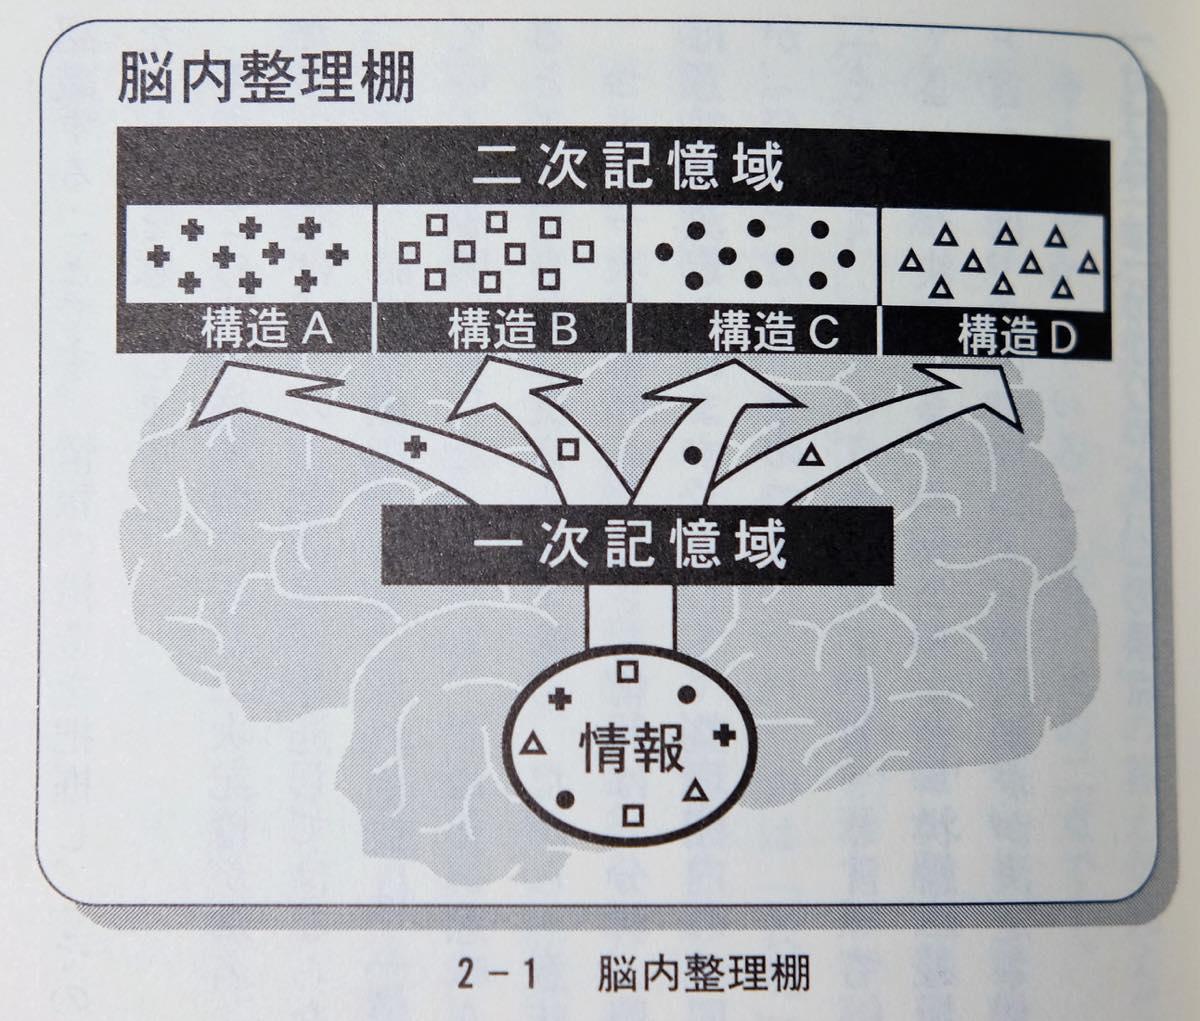 藤沢晃治著『「分かりやすい表現」の技術』より「脳内整理棚」